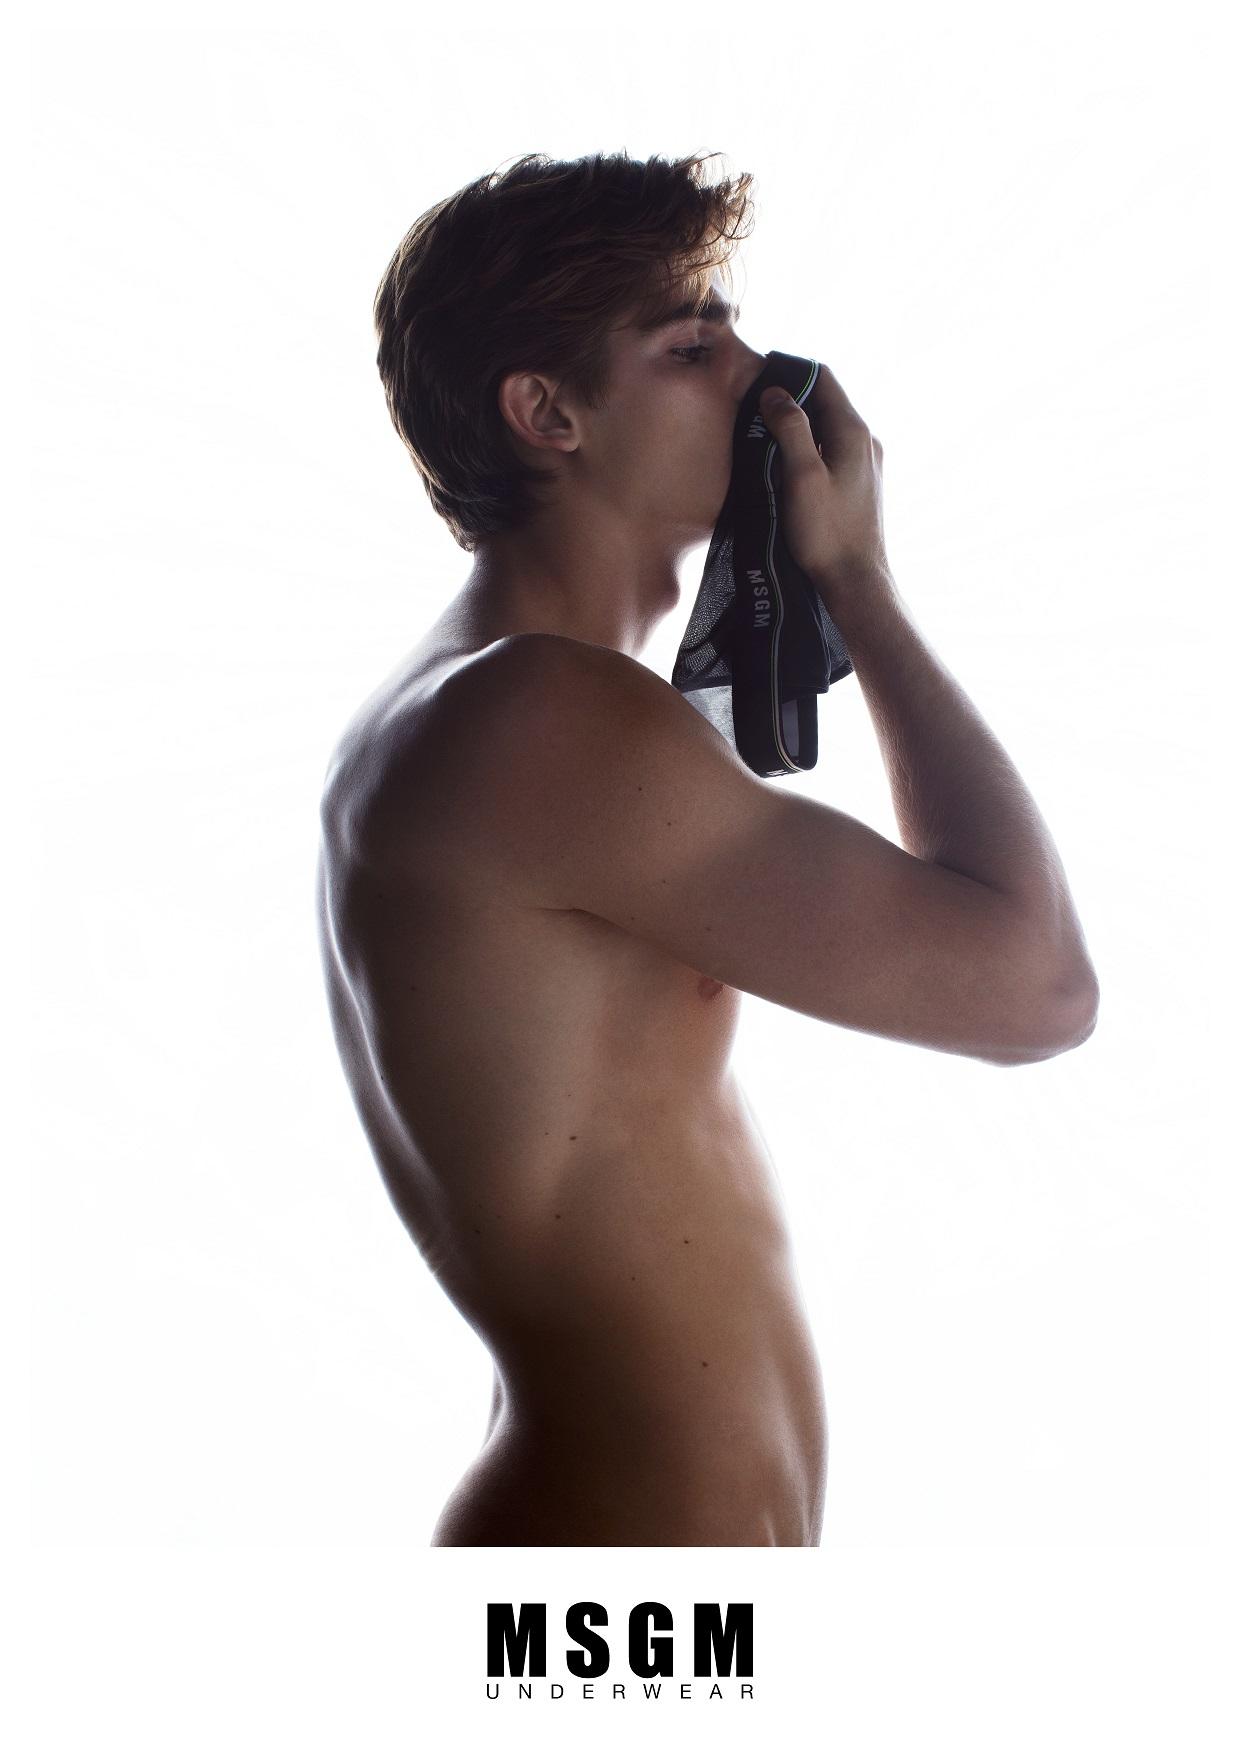 MSGM Underwear - Leonardo Tano